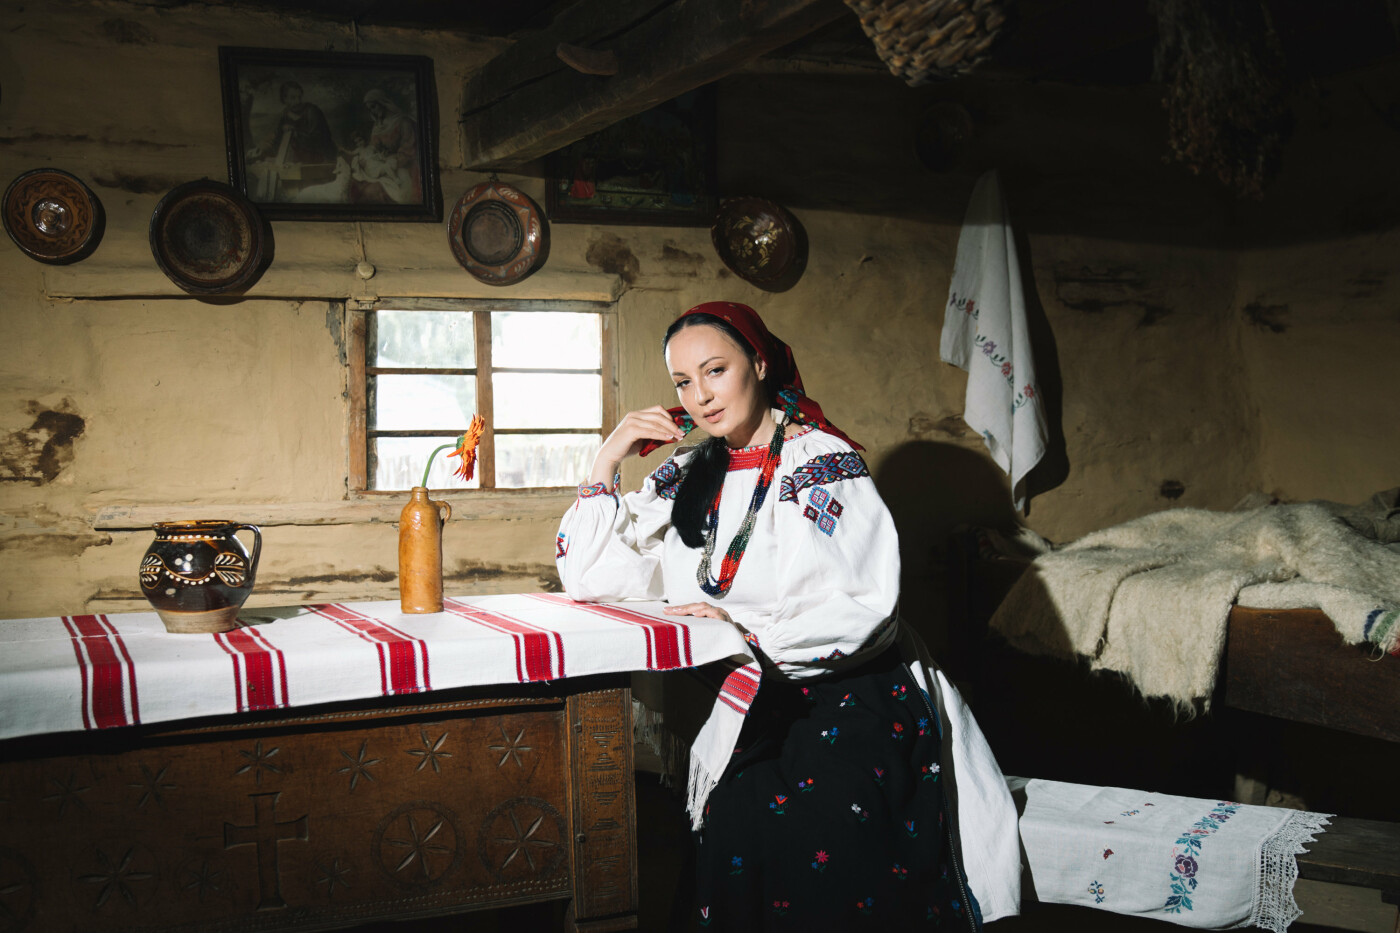 Історичне вбрання жінок Закарпаття презентували в сучасних образах (ФОТО, ВІДЕО), фото-2